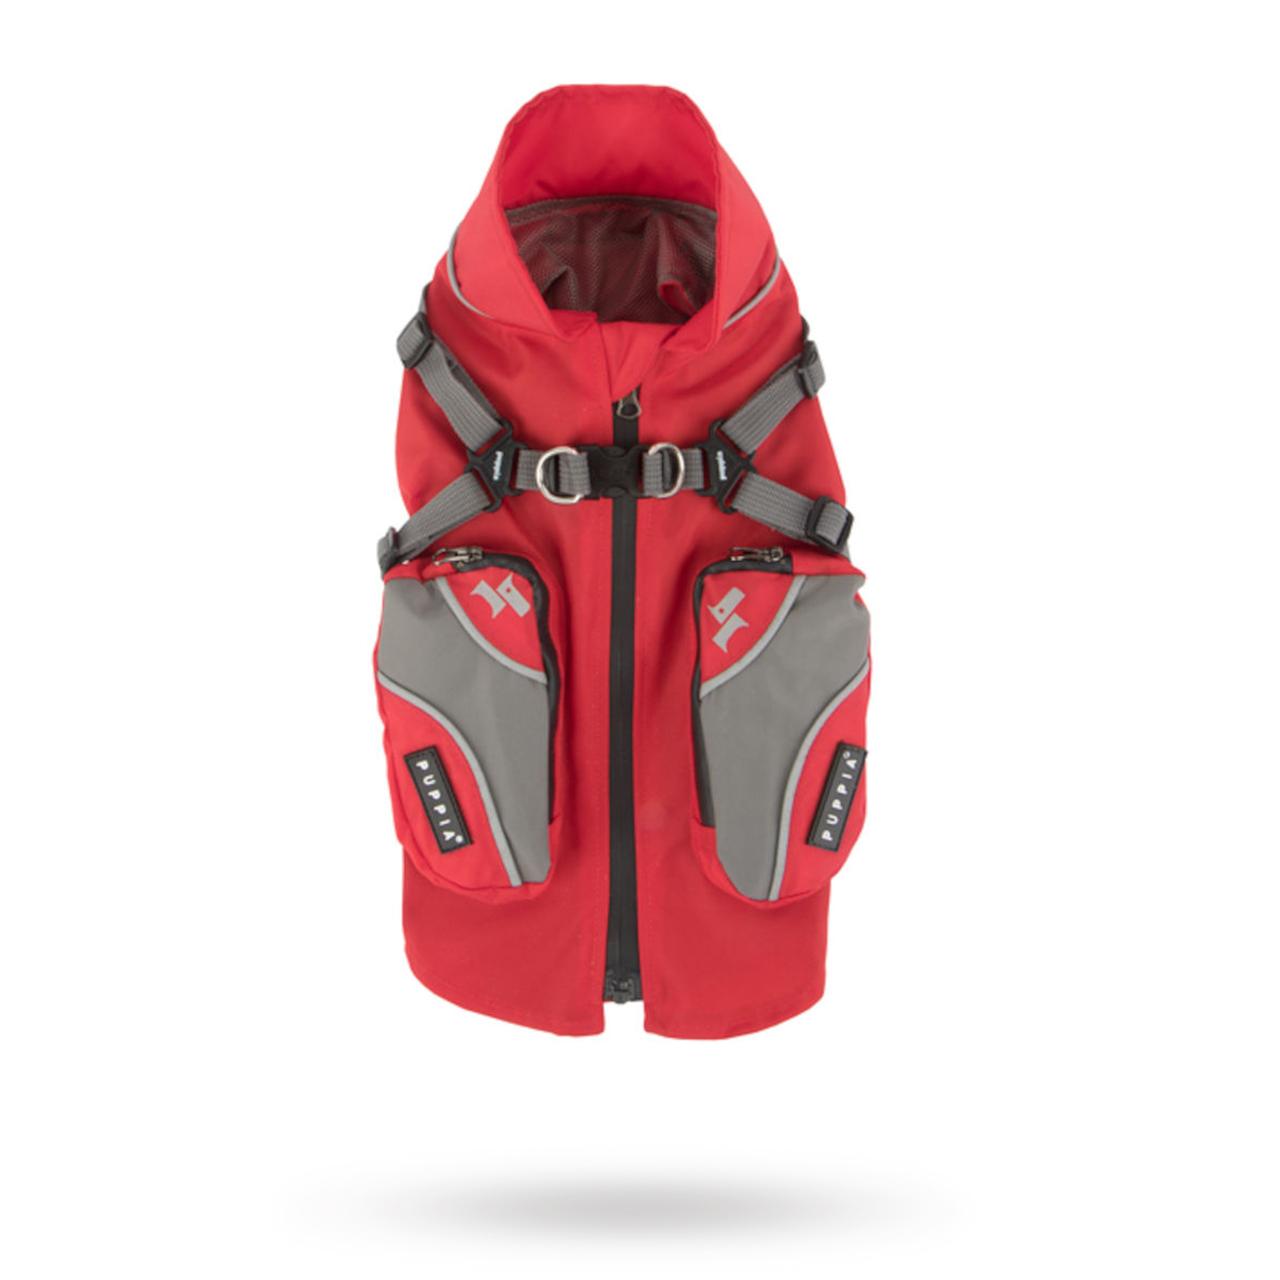 Teton - Regntäcke med Reflex - Hundkläder